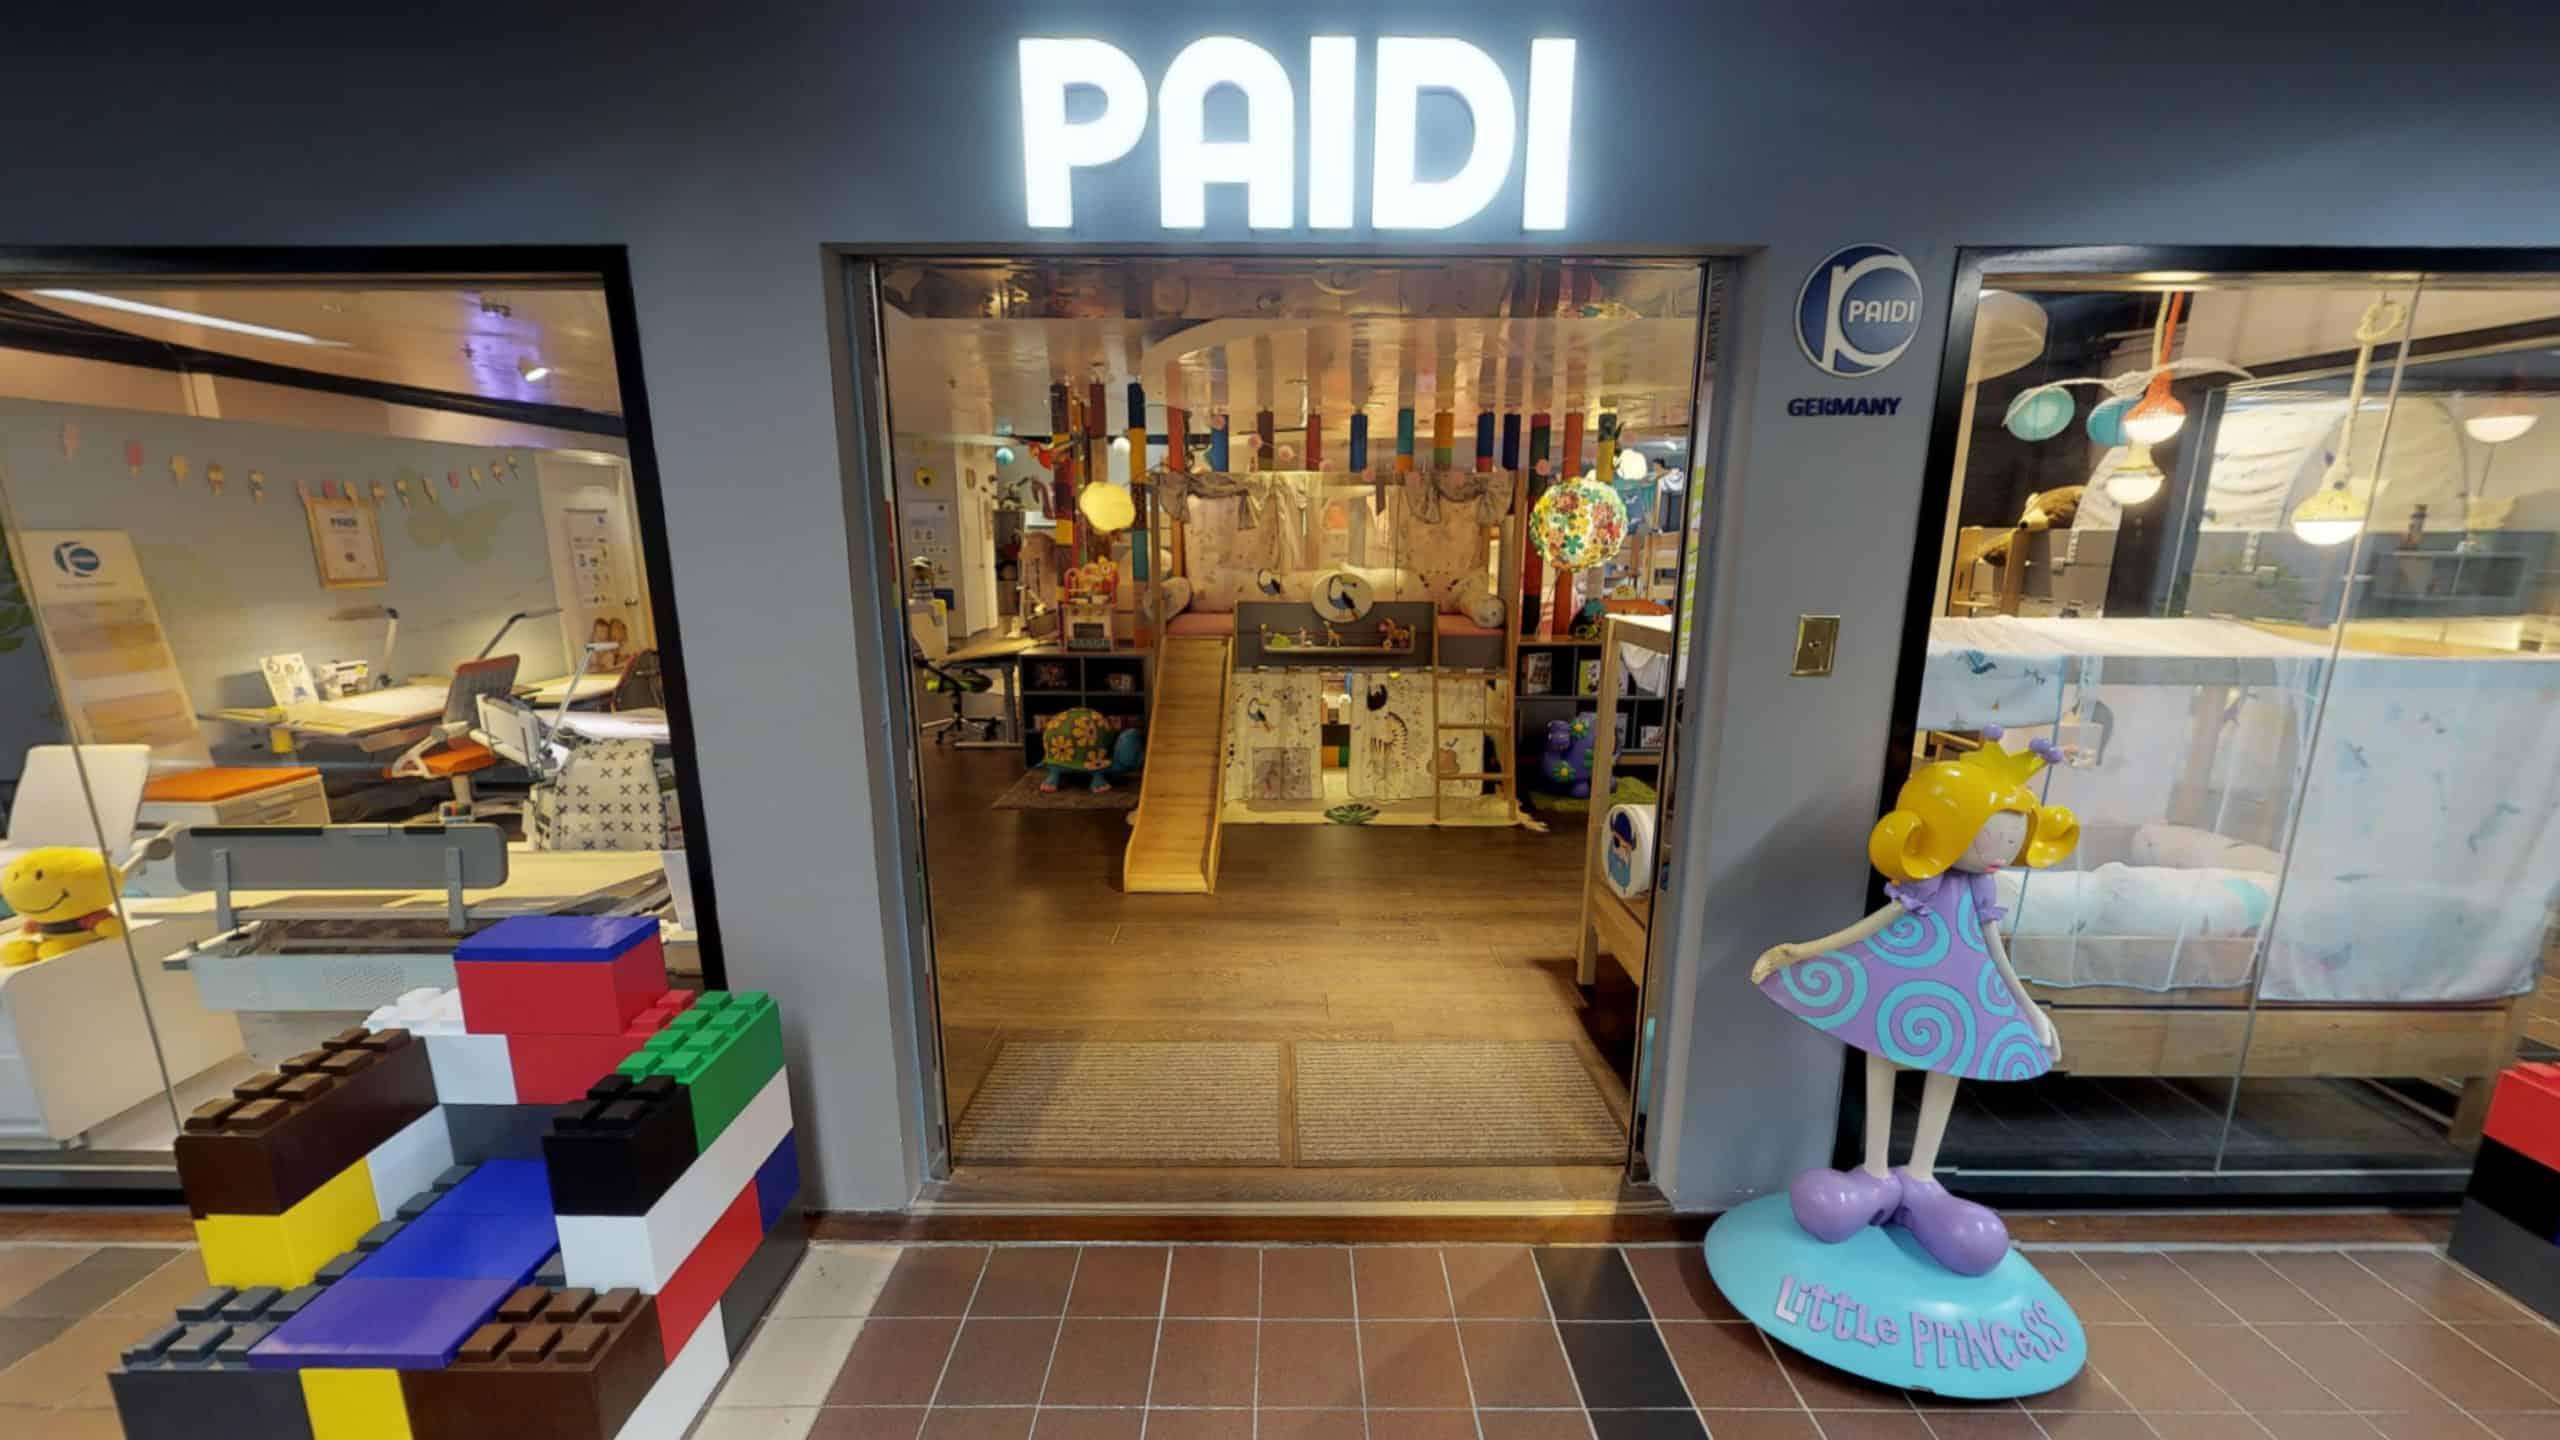 六大理由要到位於鴨脷洲新海怡廣場的 PAIDI 旗艦店